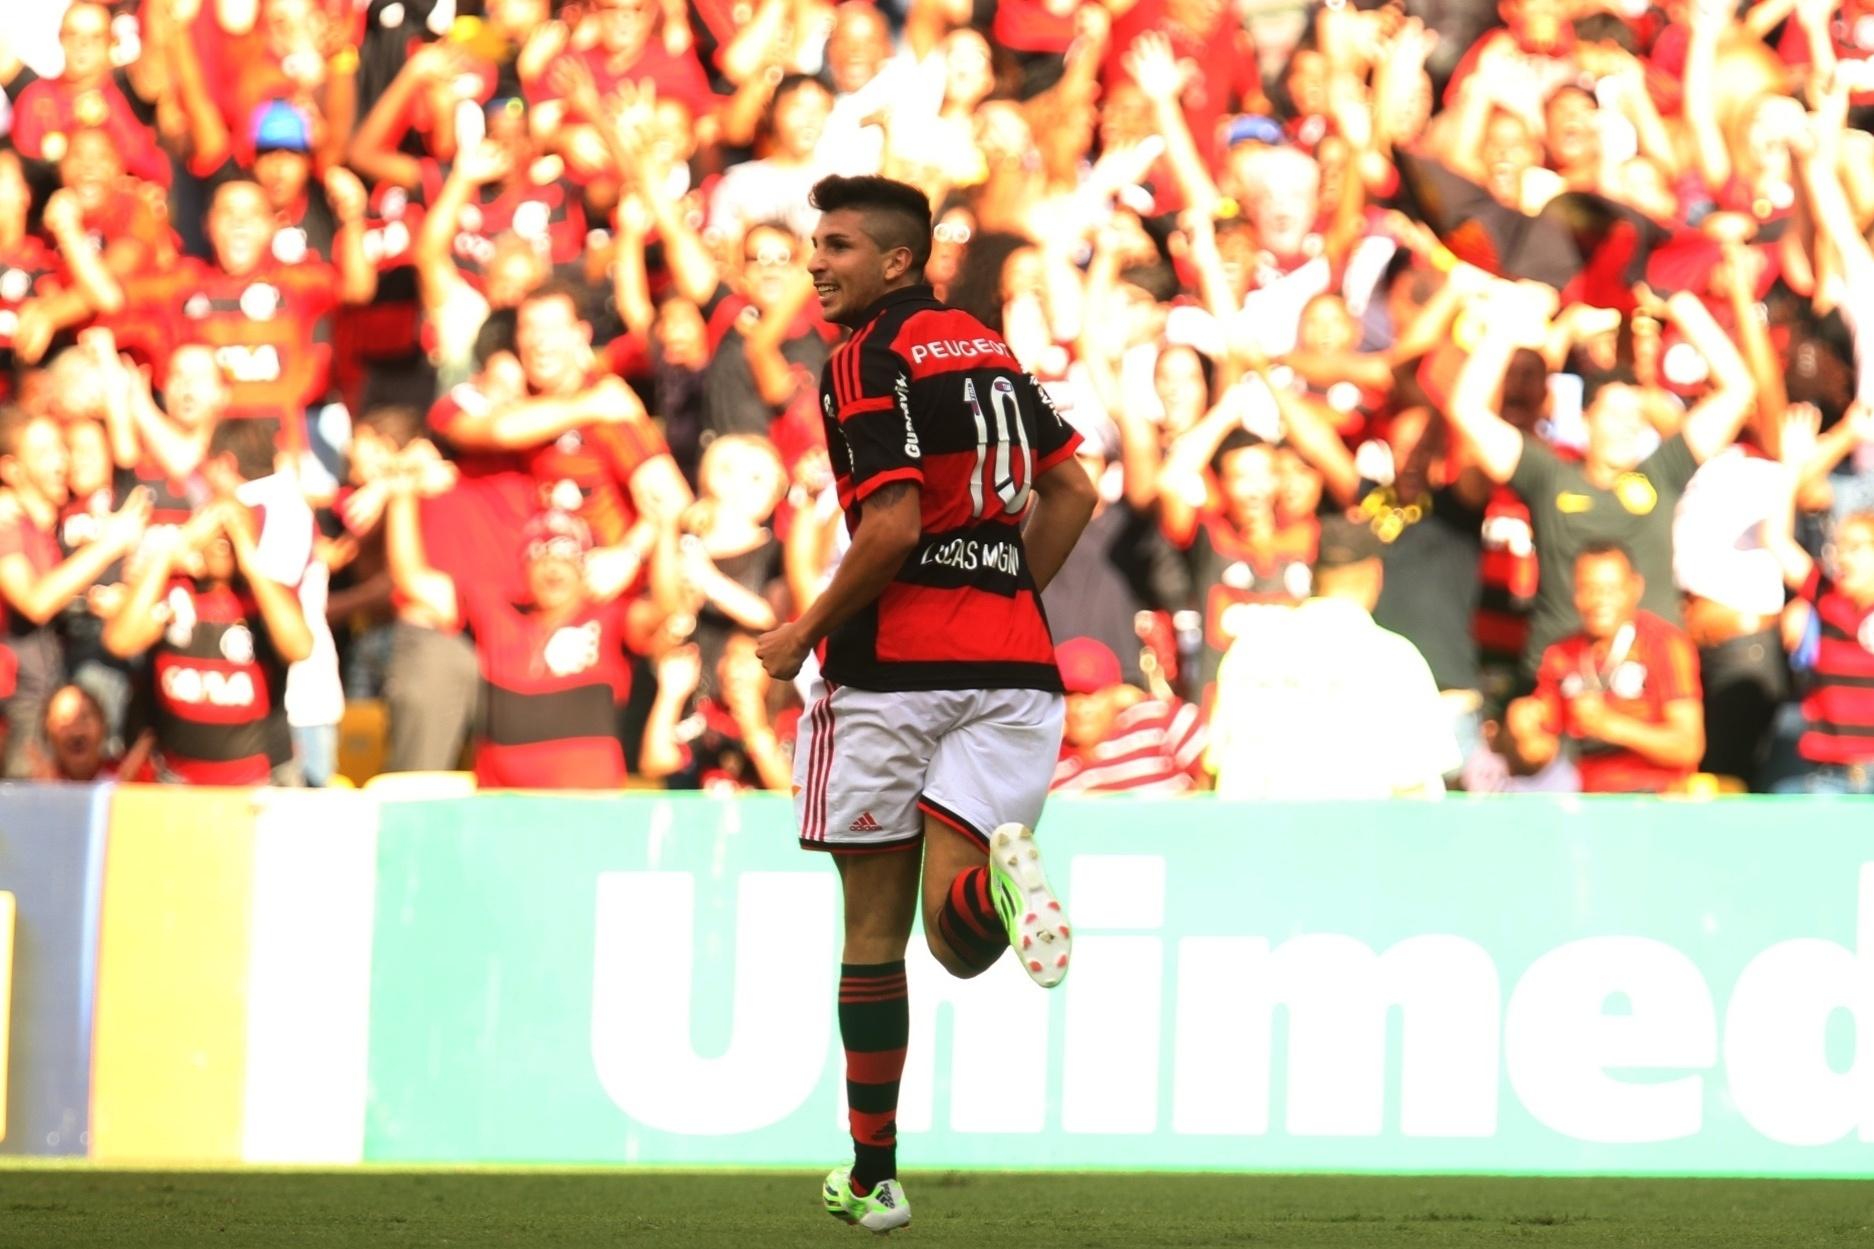 Lucas Mugni comemora gol do Flamengo contra o Coritiba